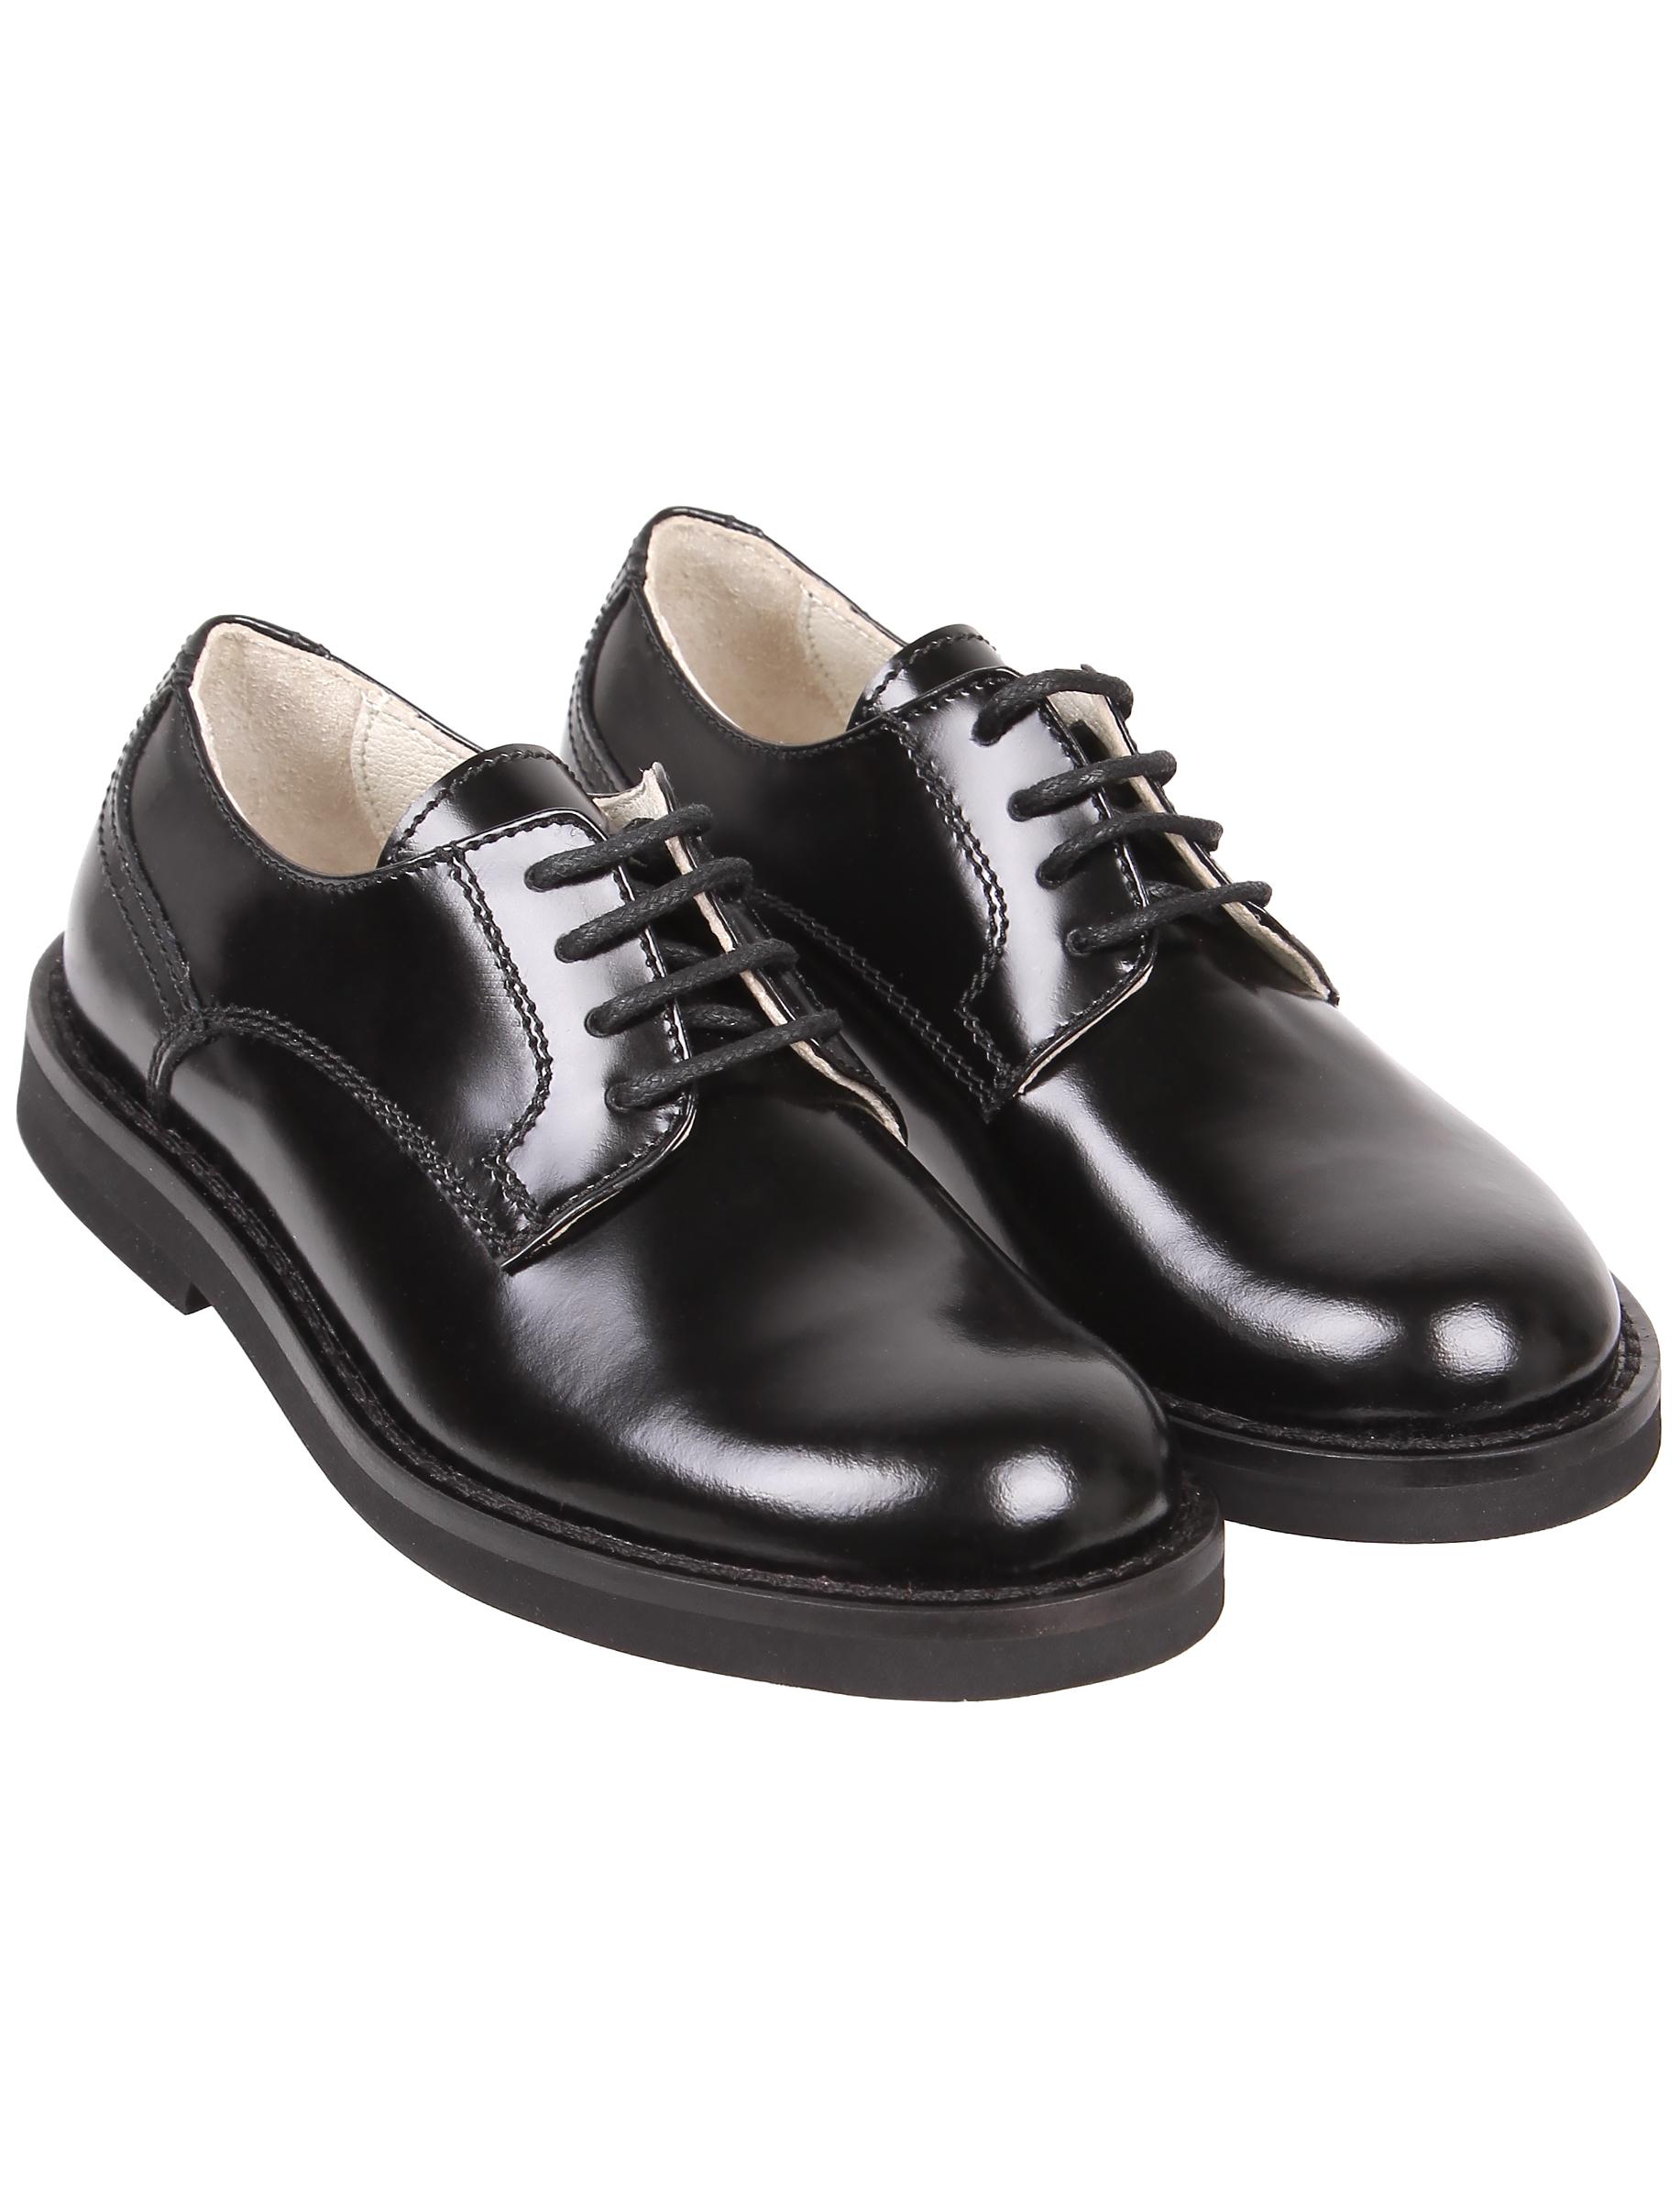 Туфли Andrea Montelpare 2019102 черного цвета